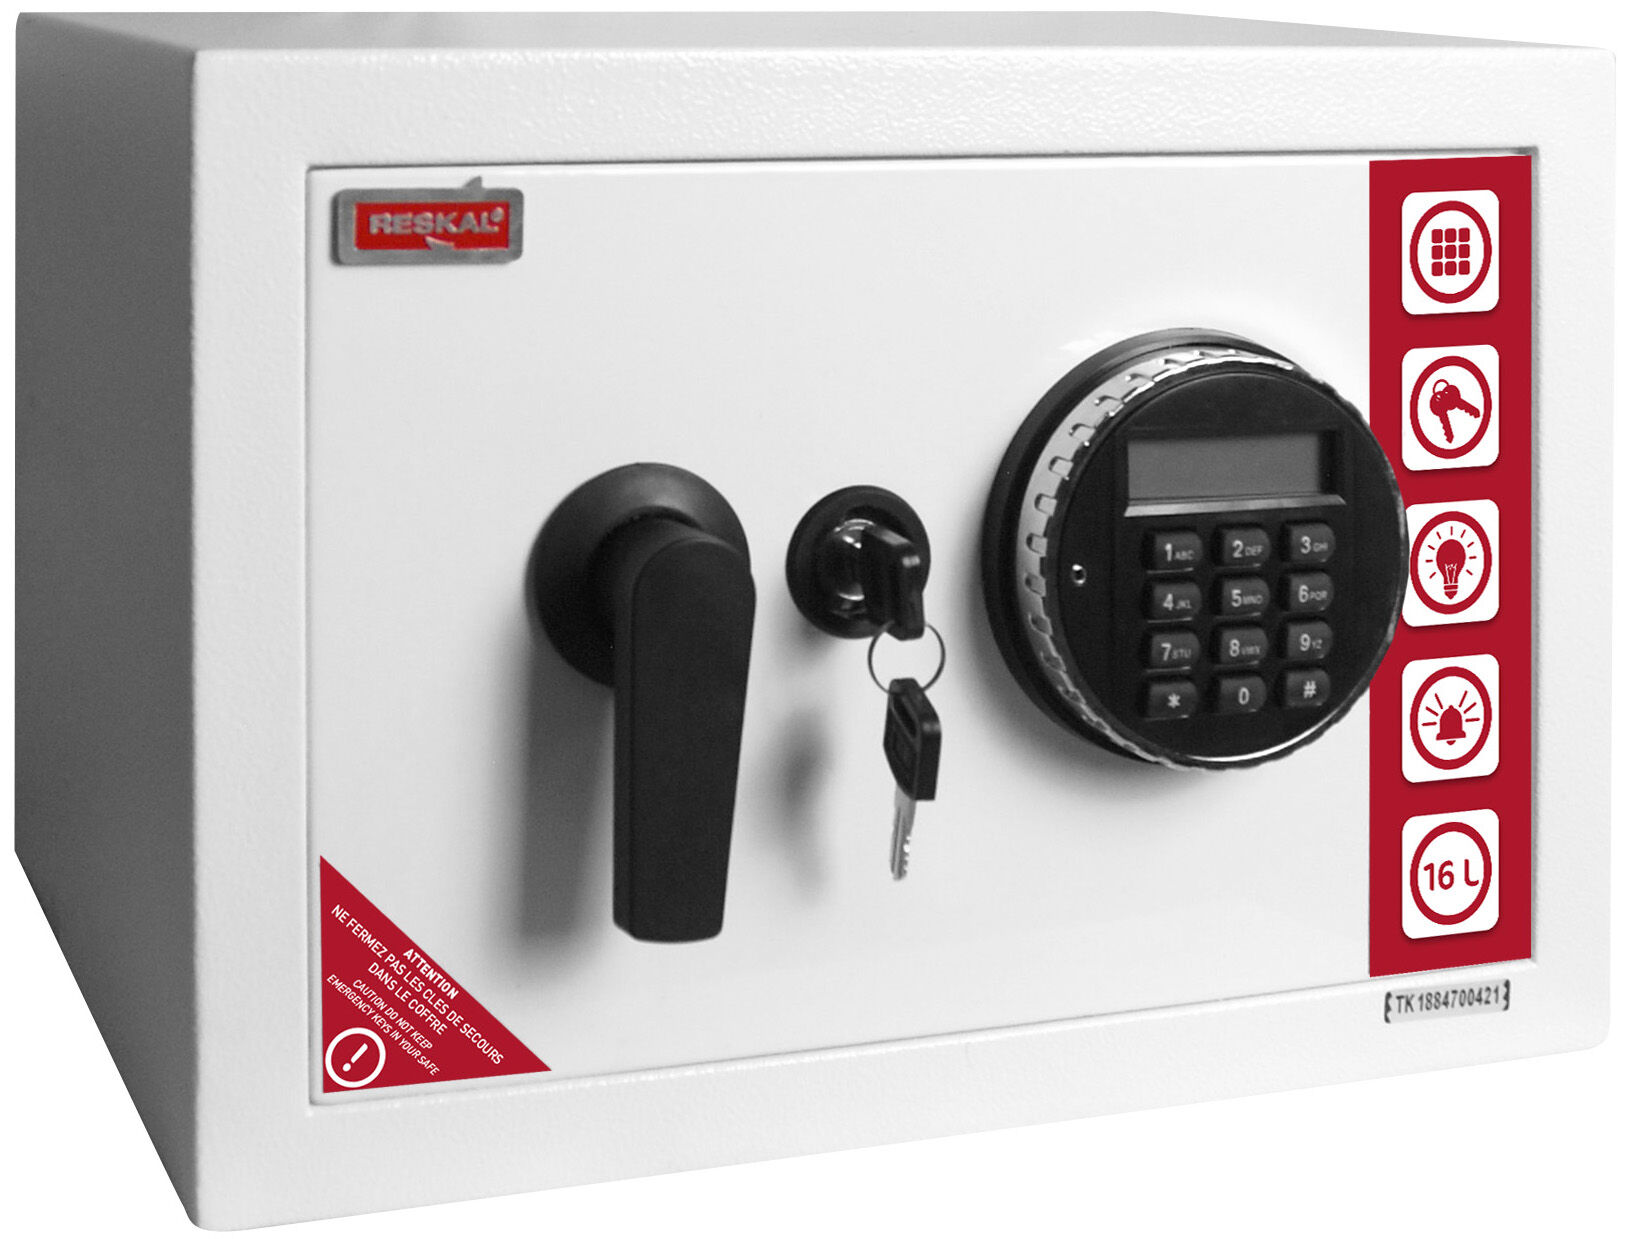 Reskal SE 2 Premium - Coffre-fort 16,5L à code - acier blanc